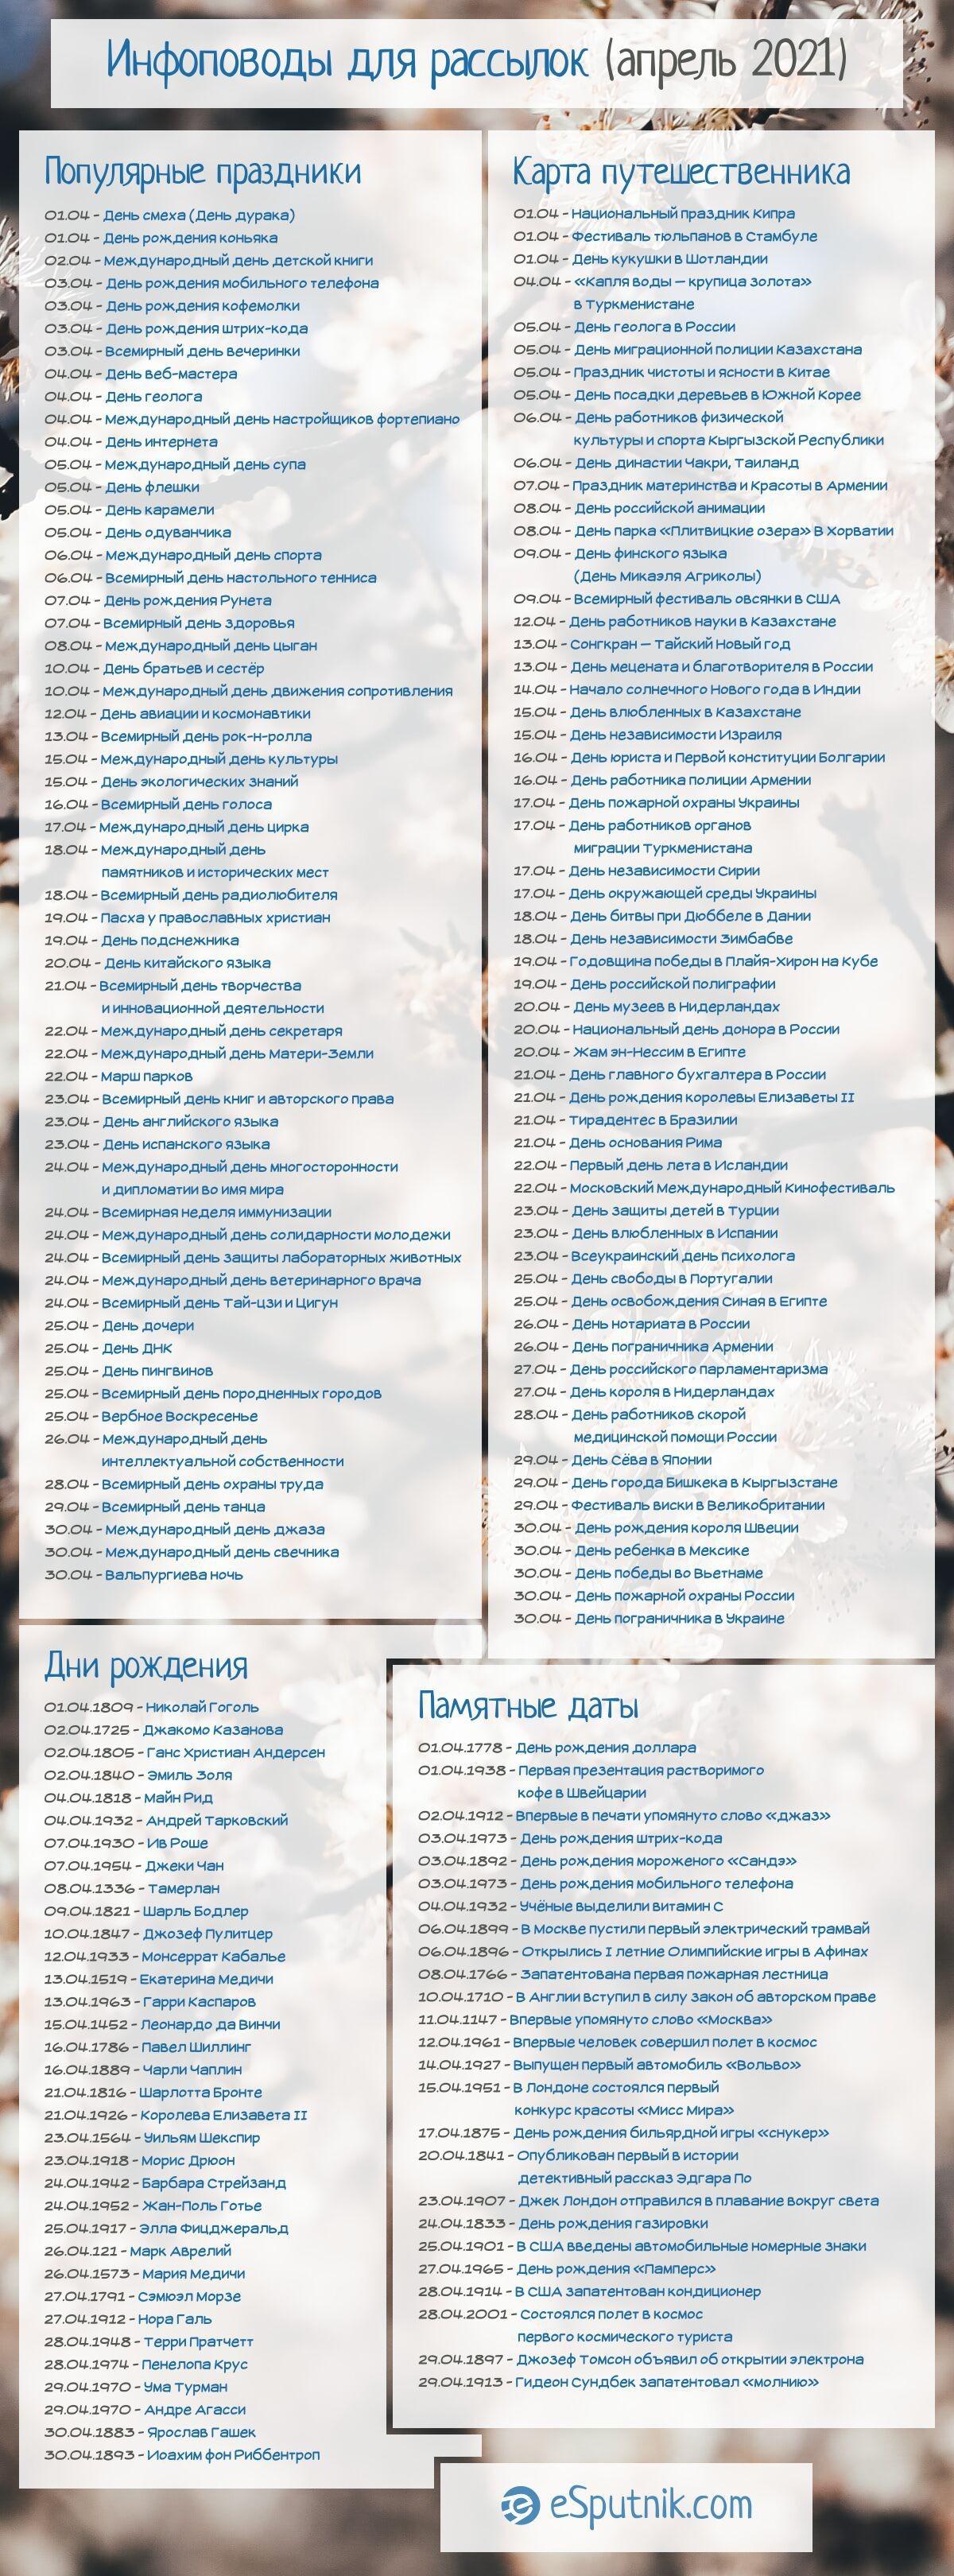 Календарь инфоповодов апреля 2021